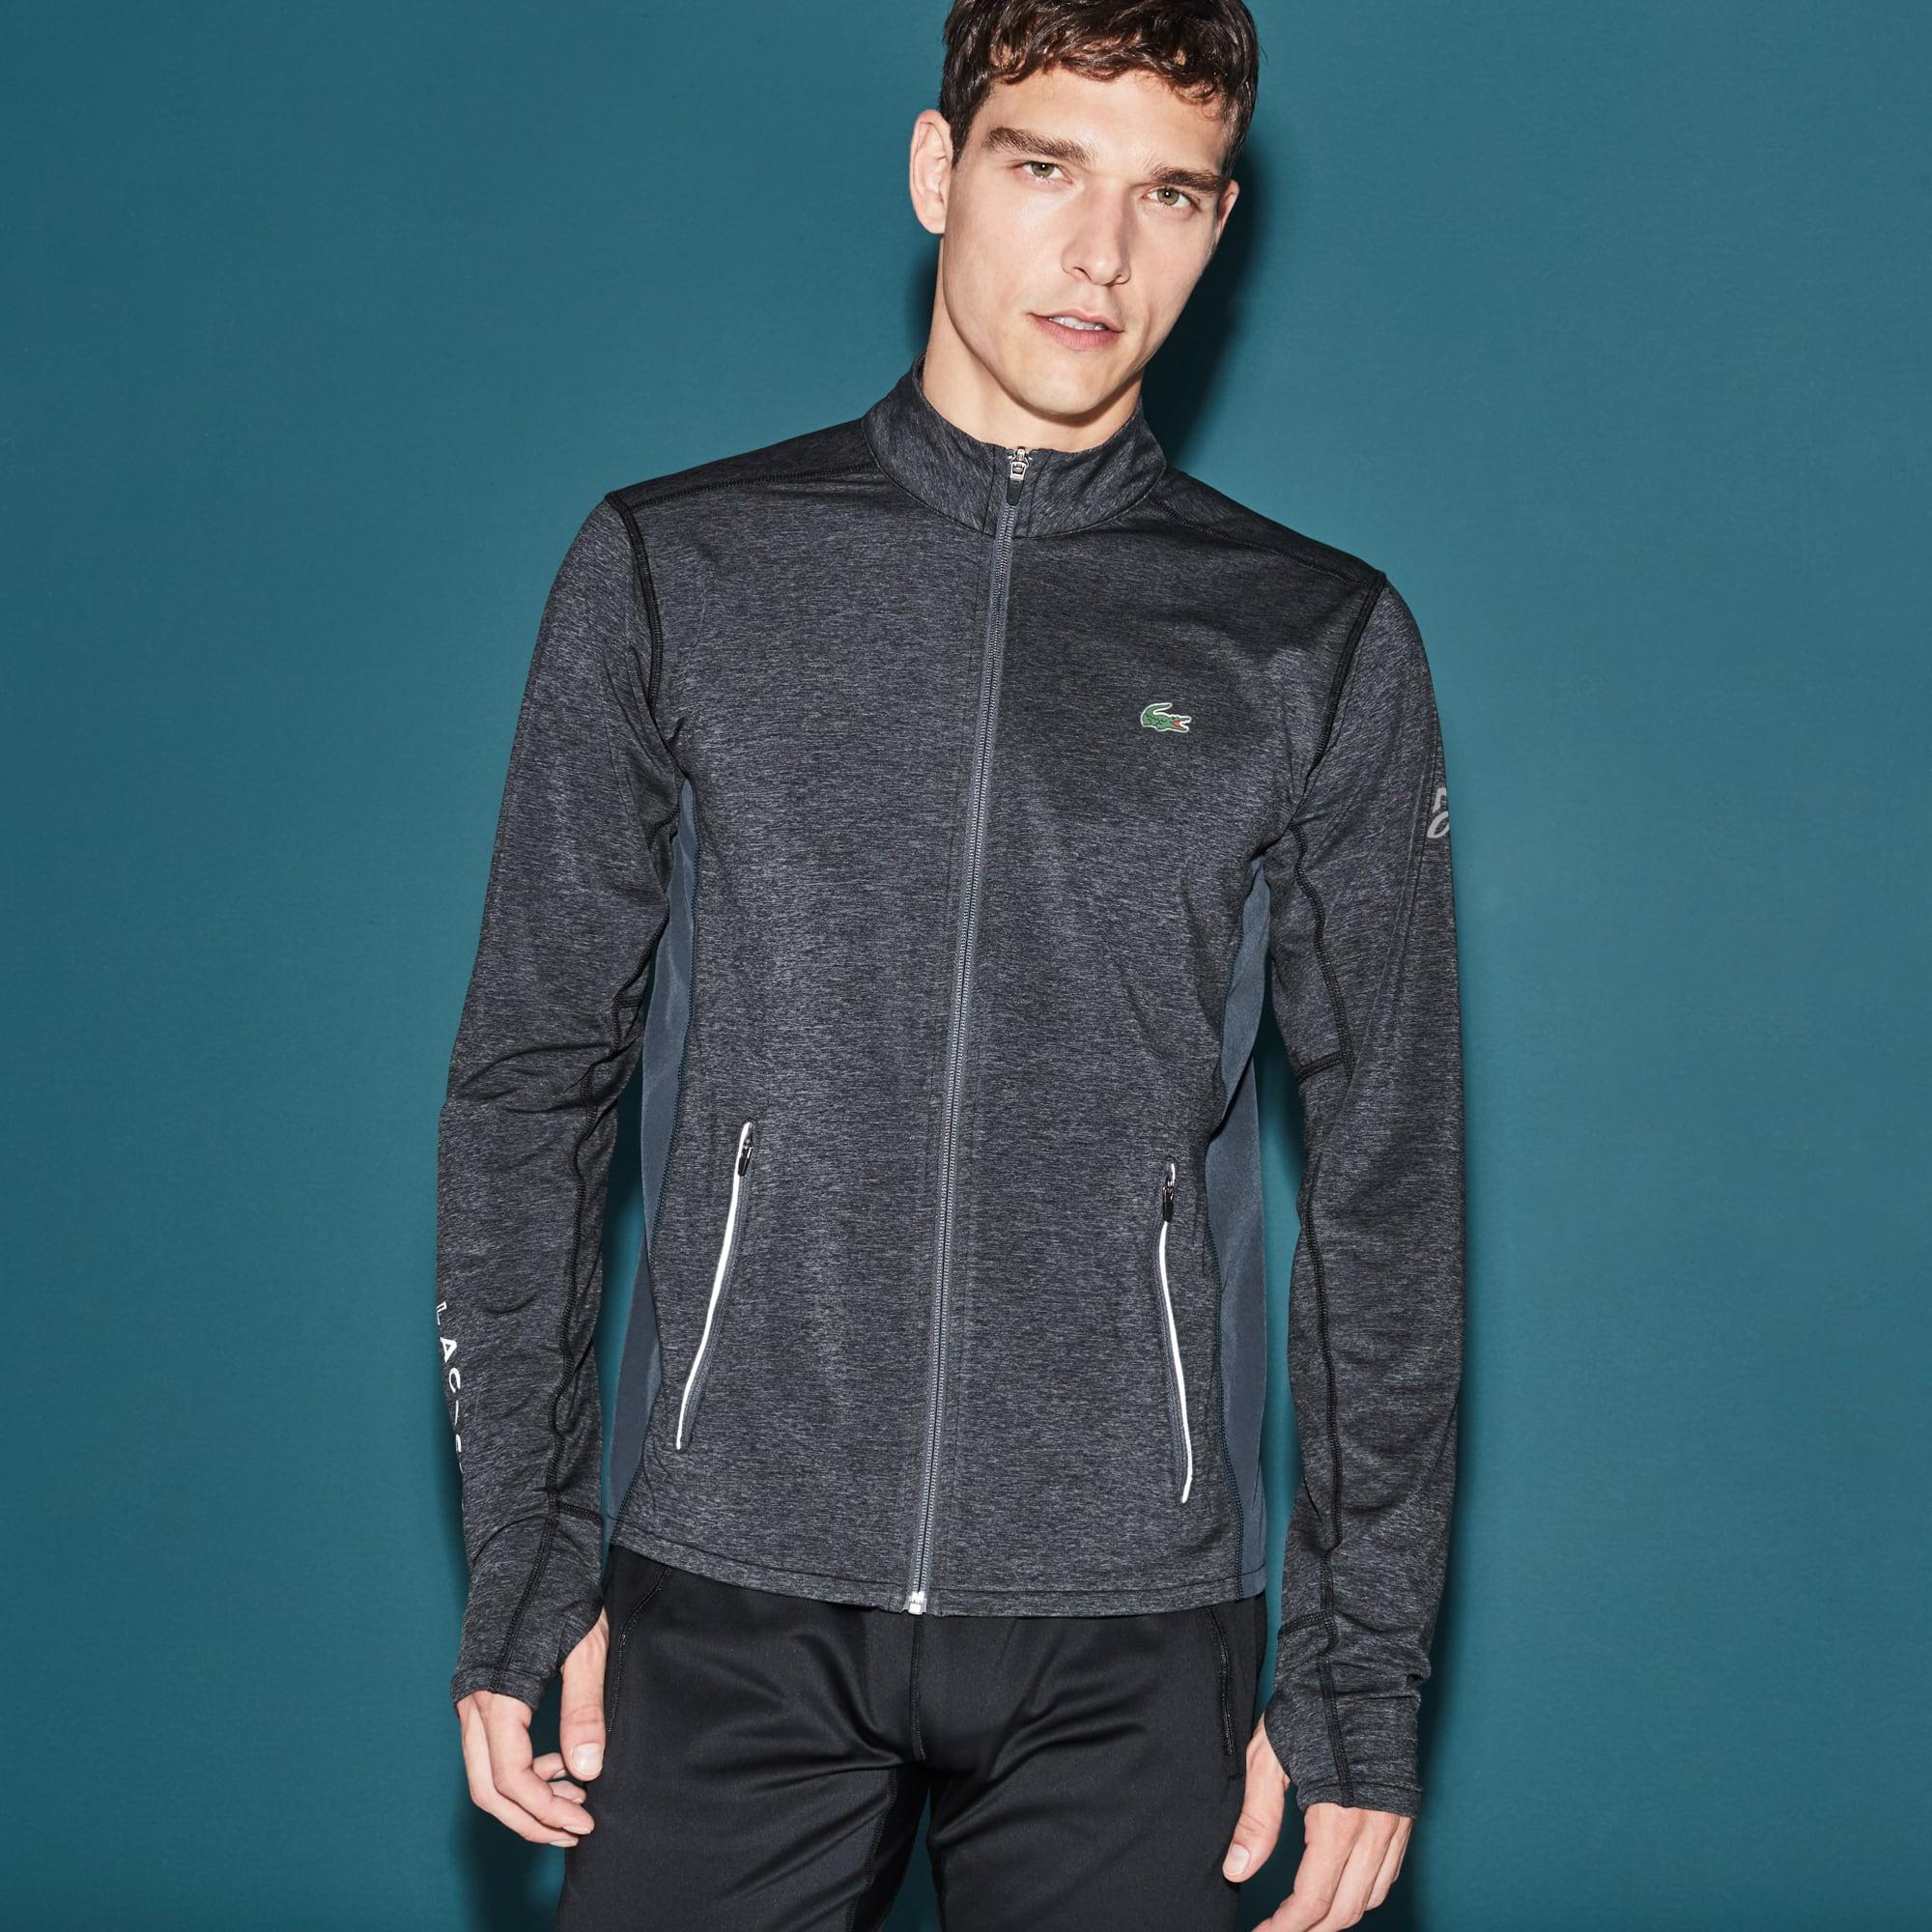 Men's Sweatshirt Lacoste x Novak Djokovic - Exclusive Edition